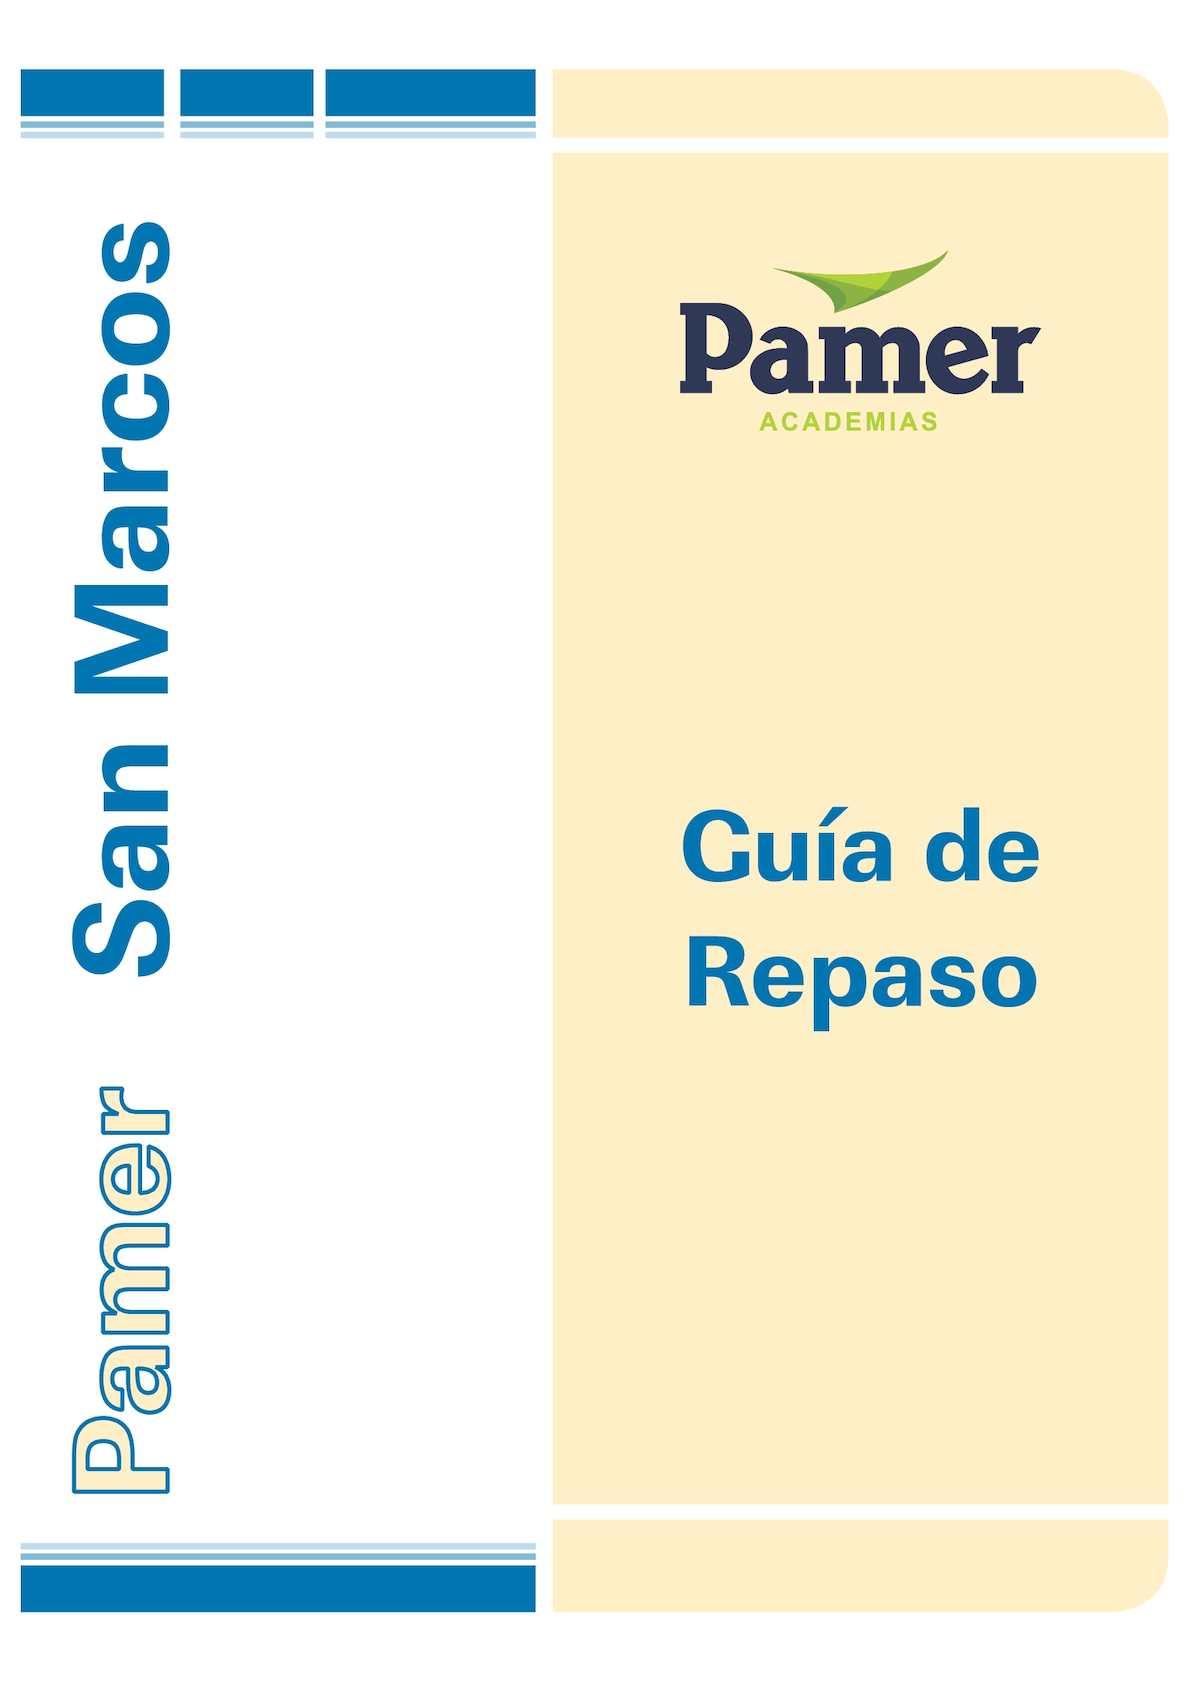 2a0f792e Calaméo - RM REPASO PAMER 2015 San Marcos Con Clave